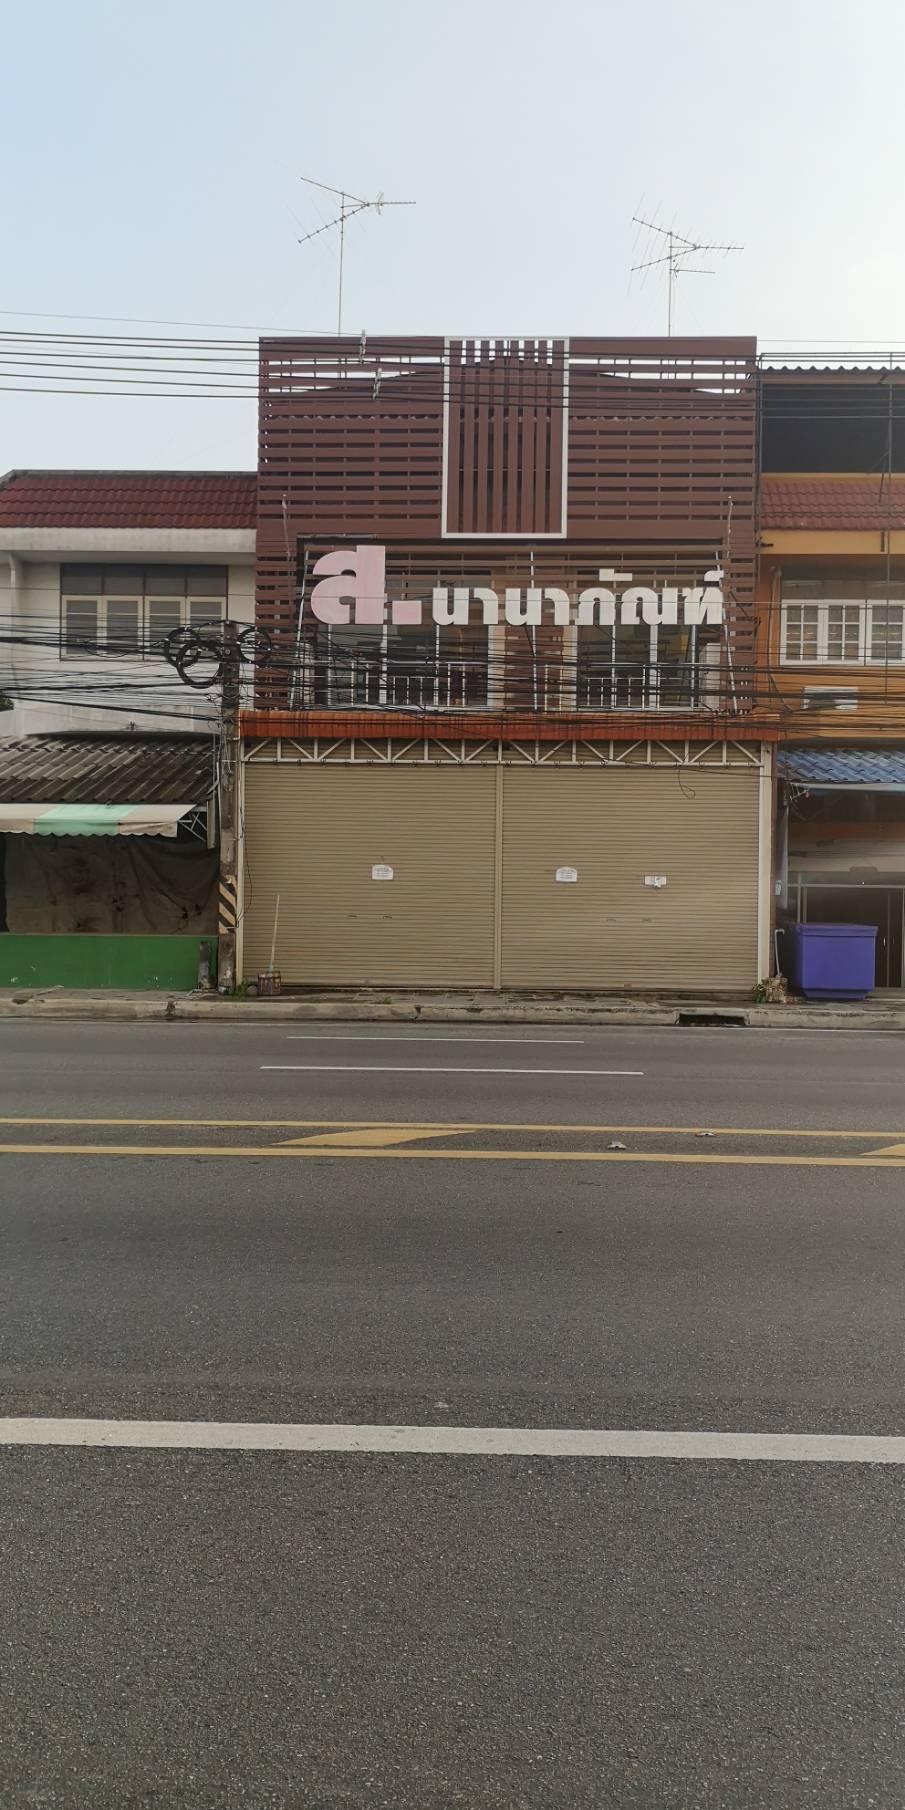 ภาพขายตึก 3 ชั้น 2 คูหา อำเภอเมือง จังหวัดชลบุรี